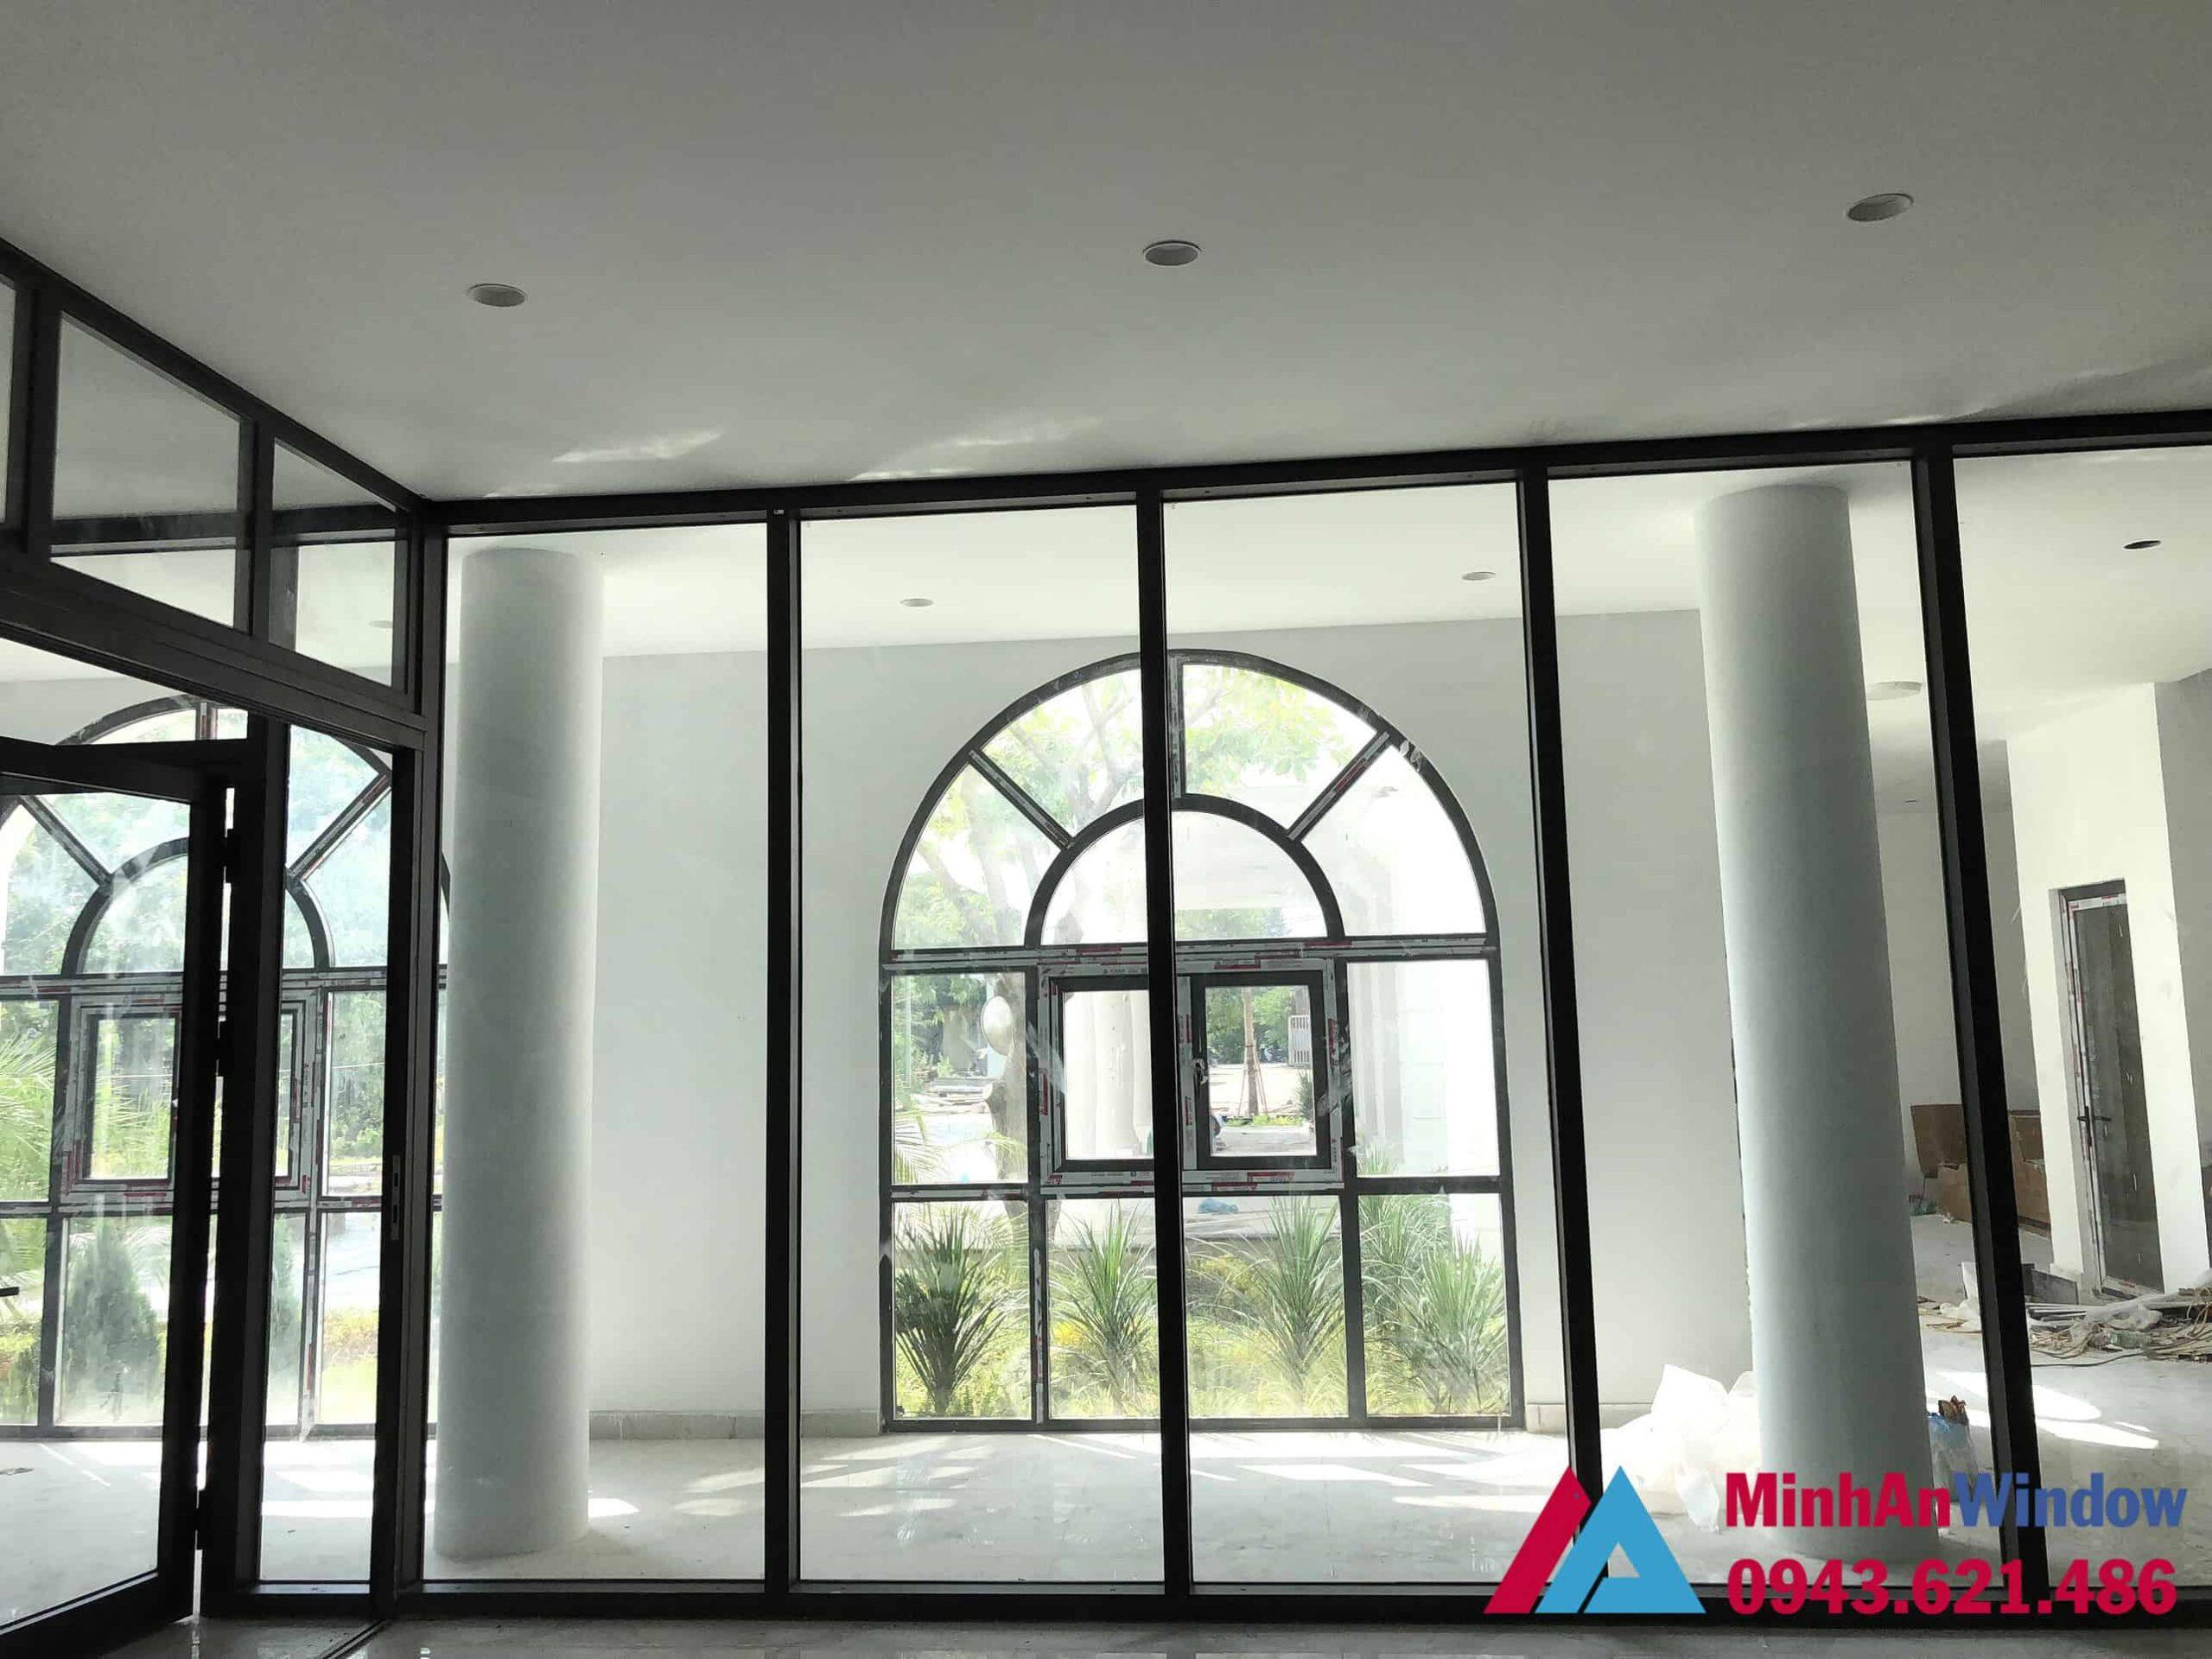 Cửa vách nhôm kính do Minh An Window thiết kế và lắp đặt